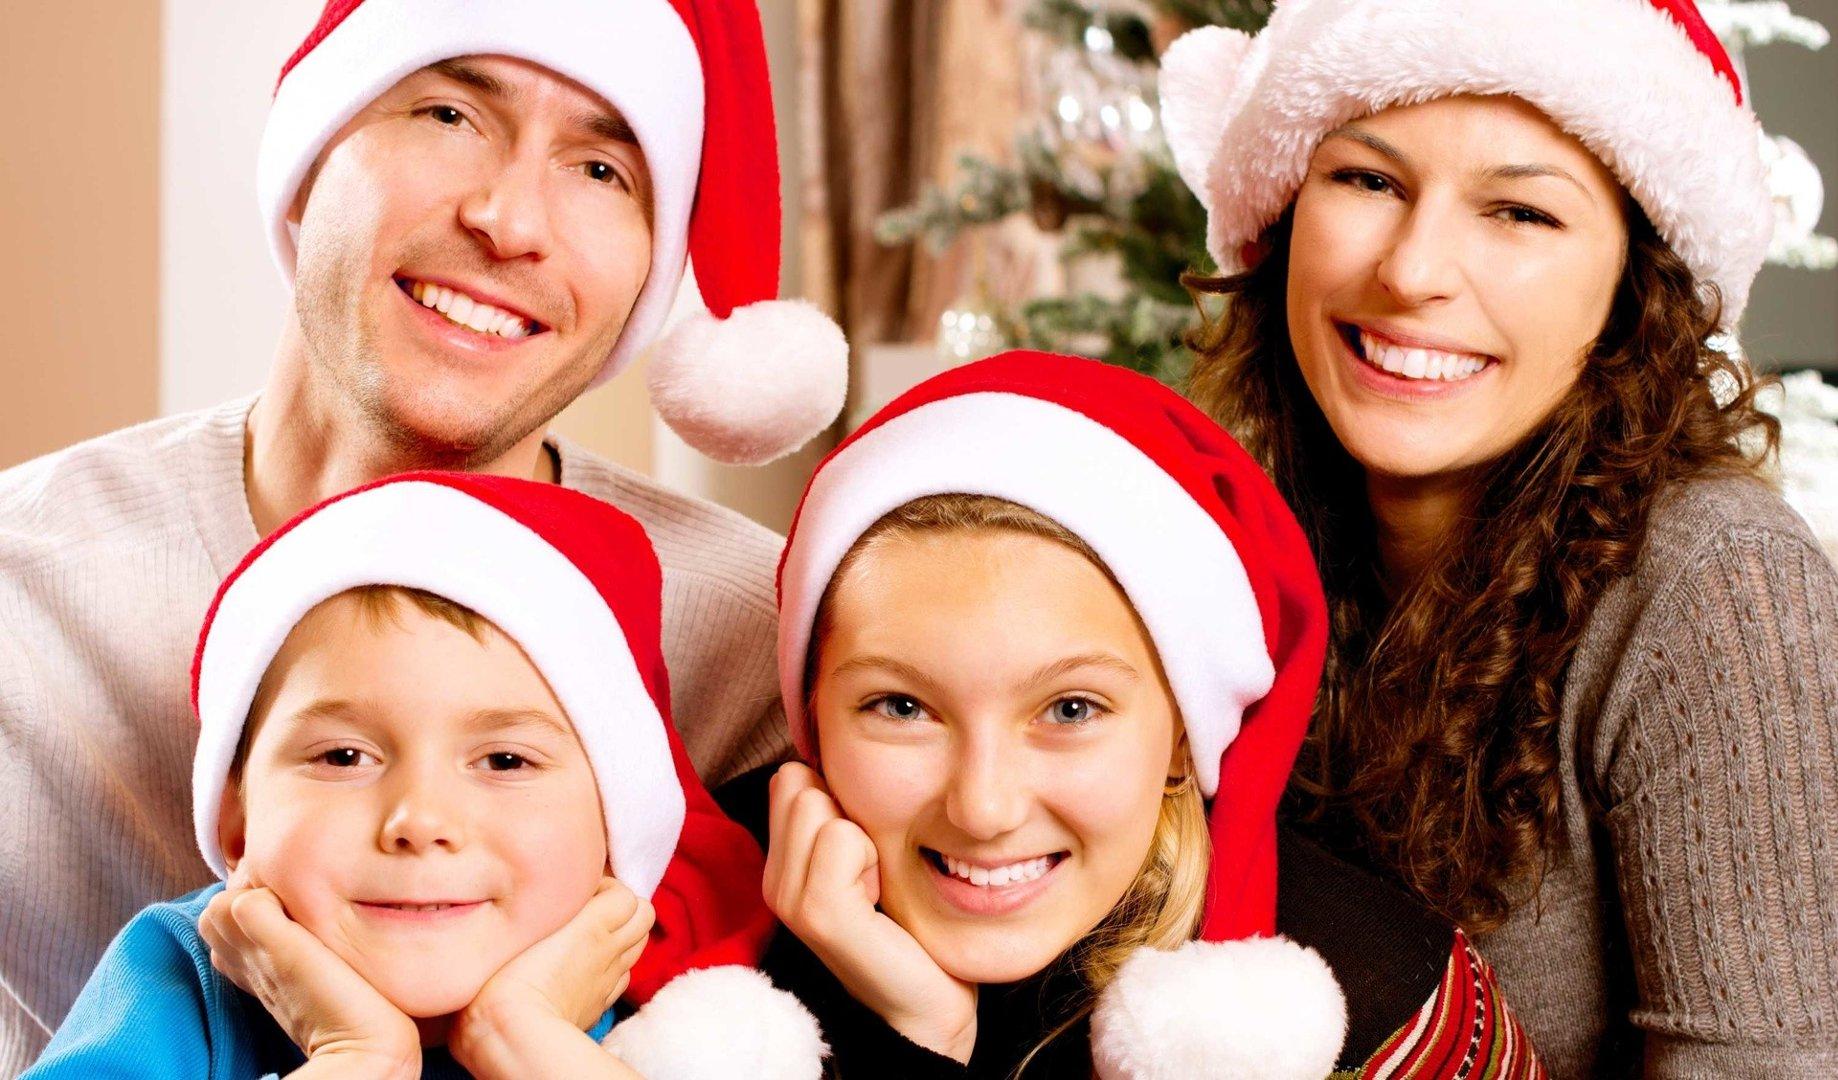 życzenia Bożonarodzeniowe 2019 Od Serca Piękne I